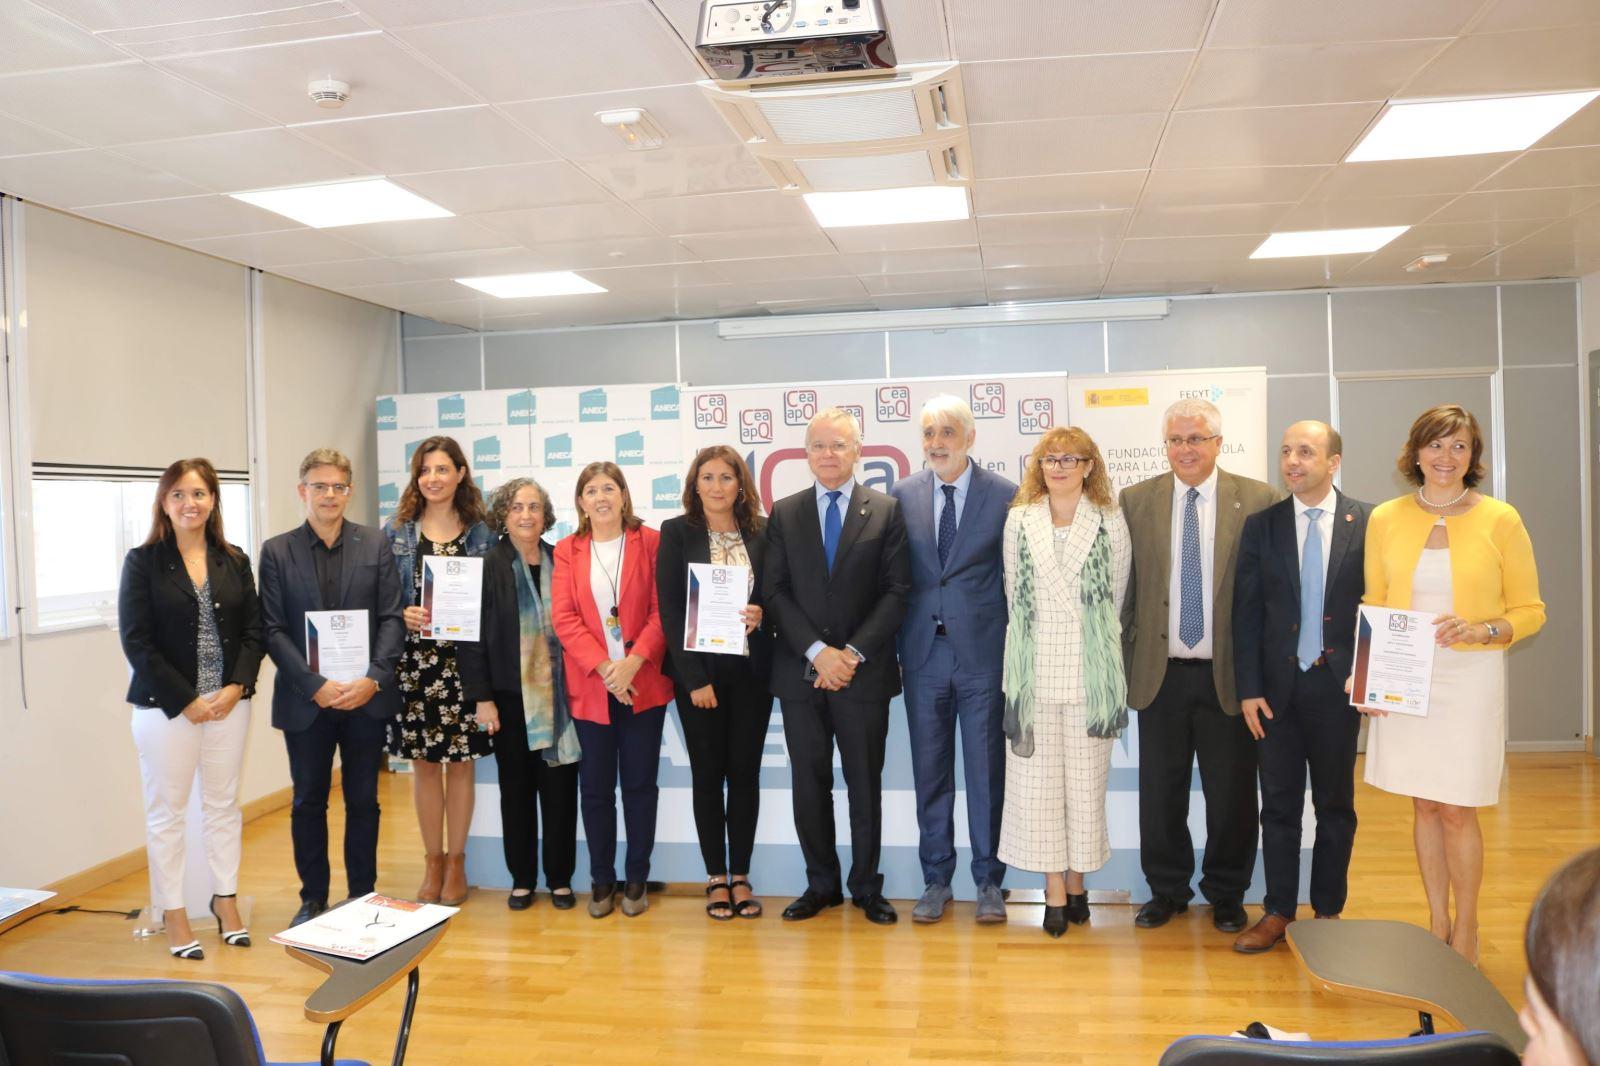 Entrega del sello de calidad en edición académica CEA-APQ 2019 (3ª convocatoria)  / Rosa de Bustos